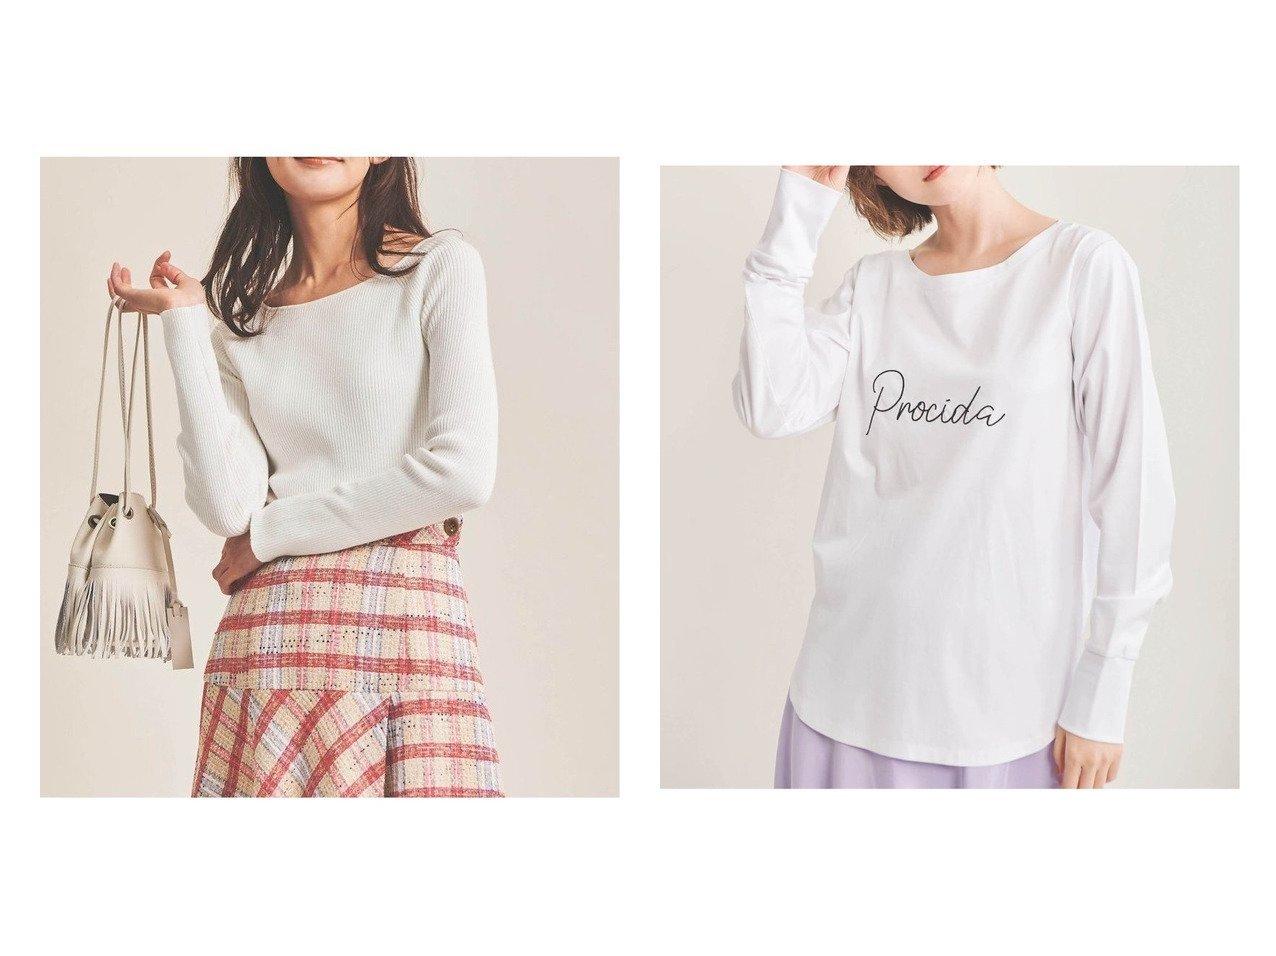 【The Virgnia/ザ ヴァージニア】のコンパクトヤーンボートネックニット&刺繍ロゴロングT 【トップス・カットソー】おすすめ!人気、トレンド・レディースファッションの通販  おすすめで人気の流行・トレンド、ファッションの通販商品 メンズファッション・キッズファッション・インテリア・家具・レディースファッション・服の通販 founy(ファニー) https://founy.com/ ファッション Fashion レディースファッション WOMEN トップス・カットソー Tops/Tshirt ニット Knit Tops シャツ/ブラウス Shirts/Blouses ロング / Tシャツ T-Shirts カットソー Cut and Sewn カッティング シンプル リブニット 定番 Standard 長袖 イタリア カットソー プリント リラックス ロング 今季  ID:crp329100000027744